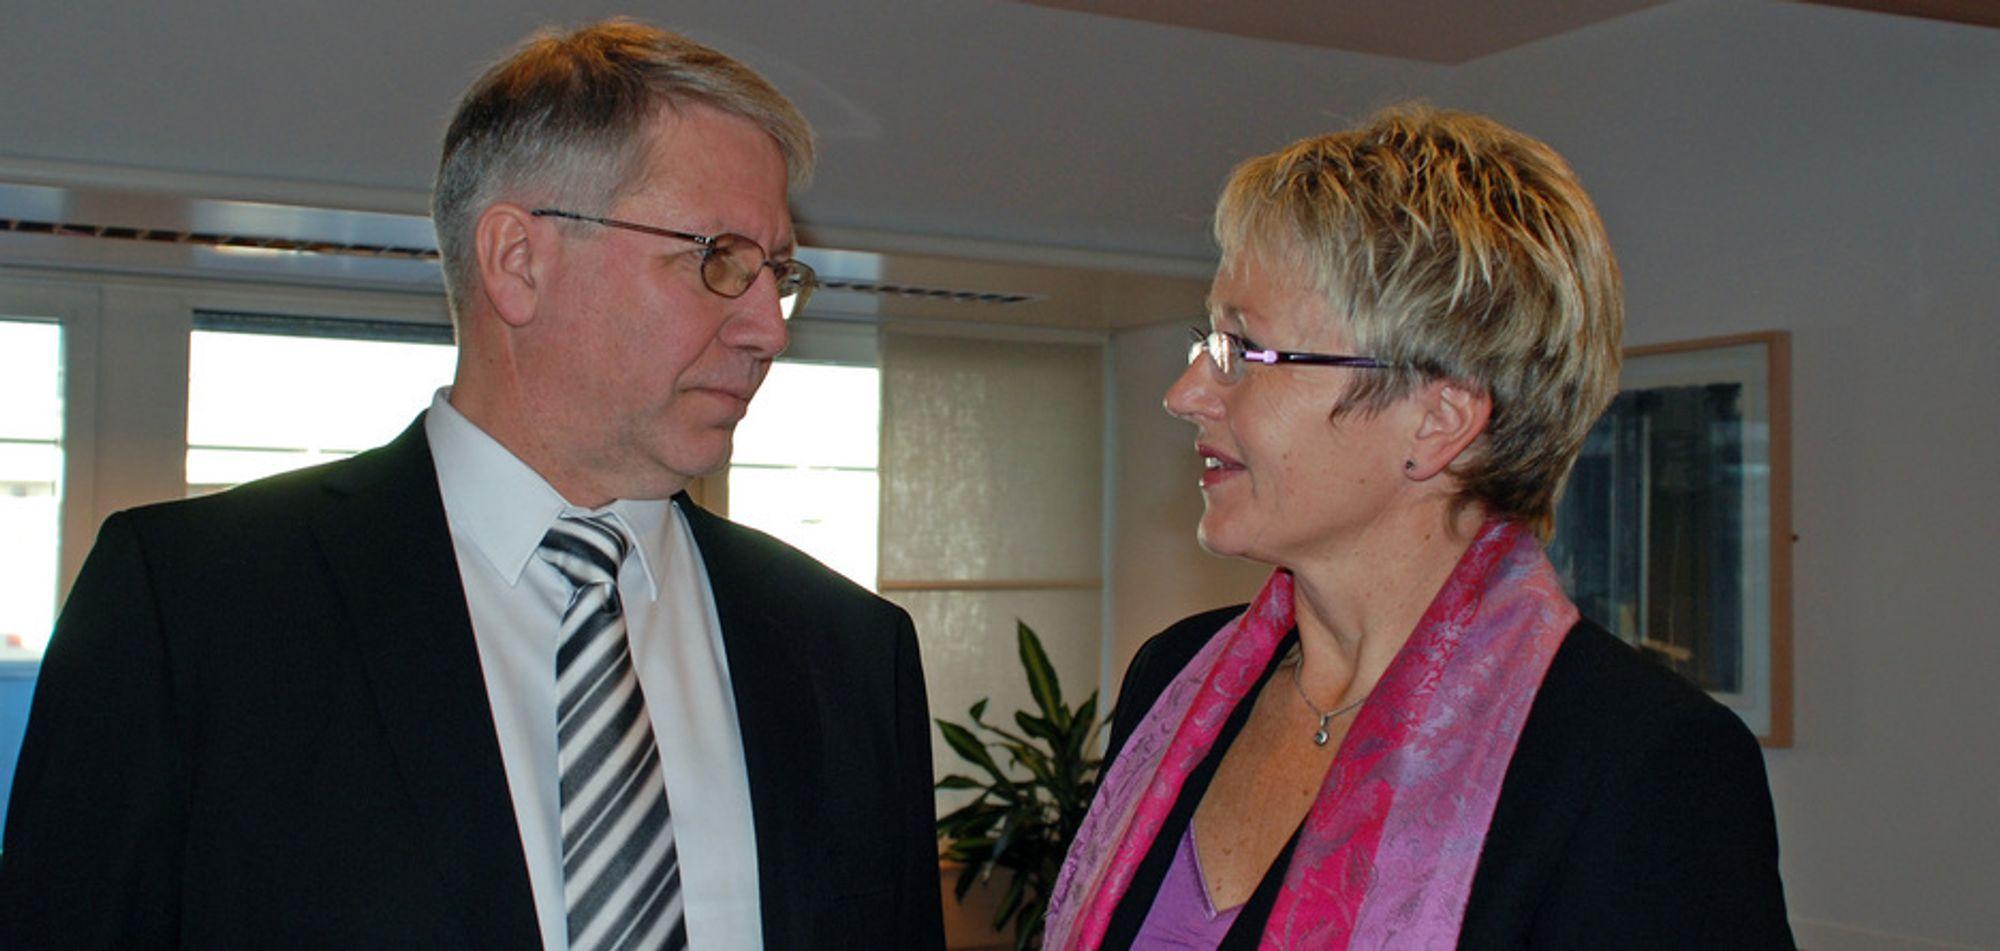 Samferdselsminister Liv Signe Navarsete presenterte i dag den nye veidirektøren, Terje Moe Gustavsen.